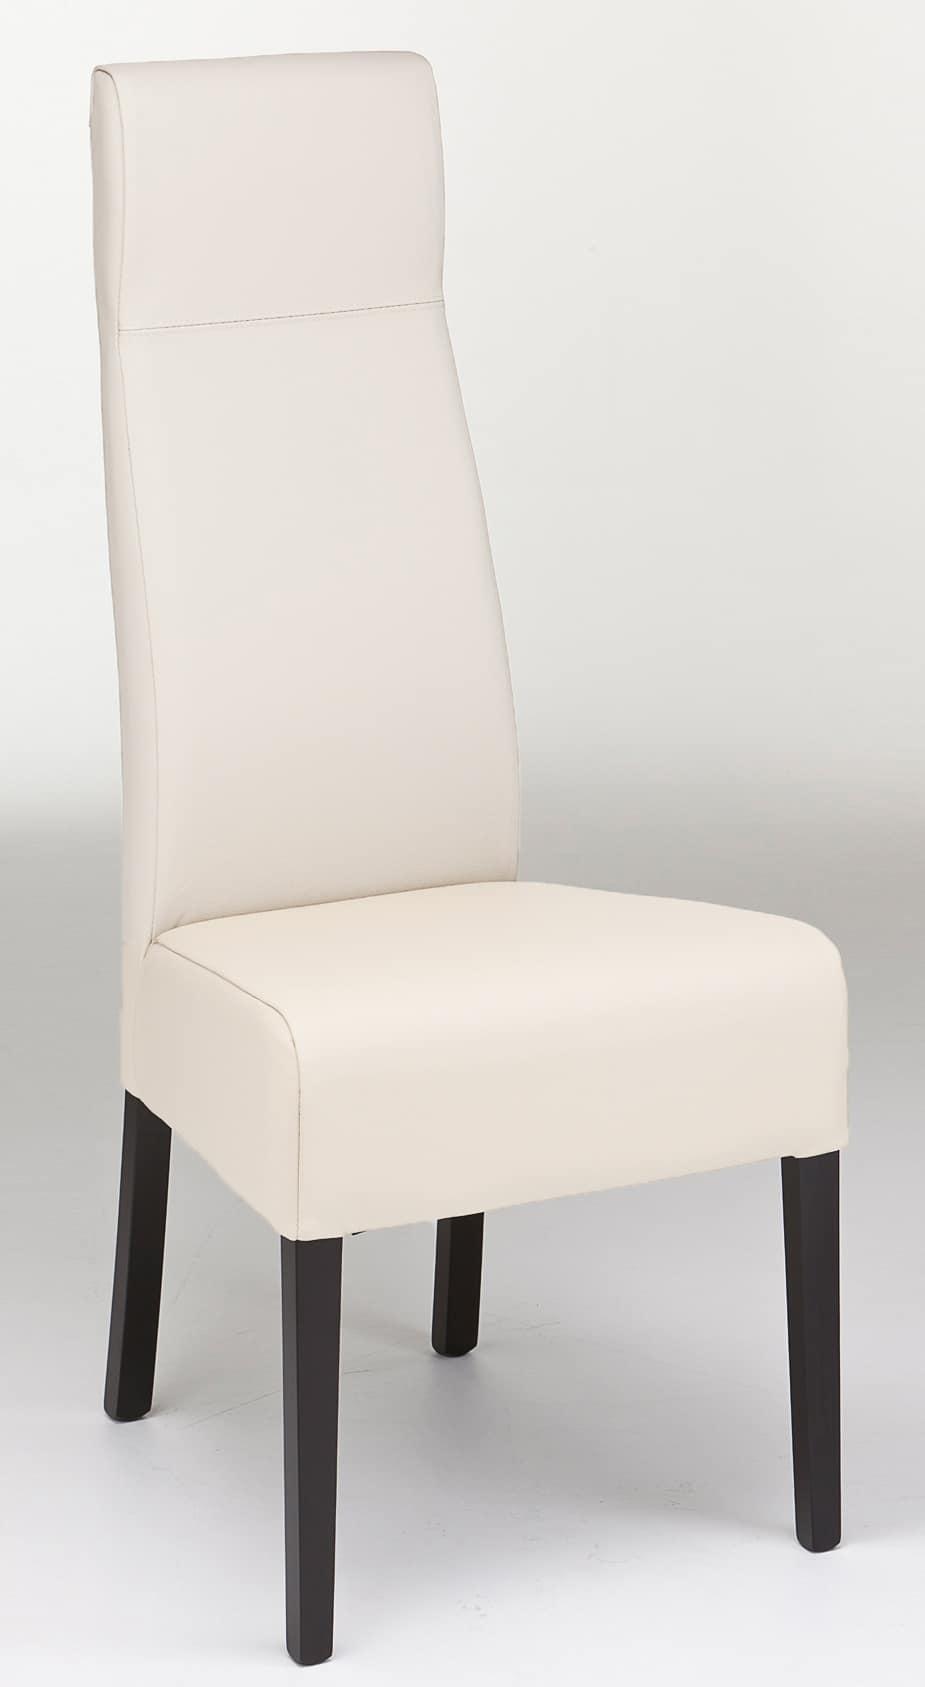 Sedia in legno con schienale alto ideale per ristoranti for Sedia design schienale alto